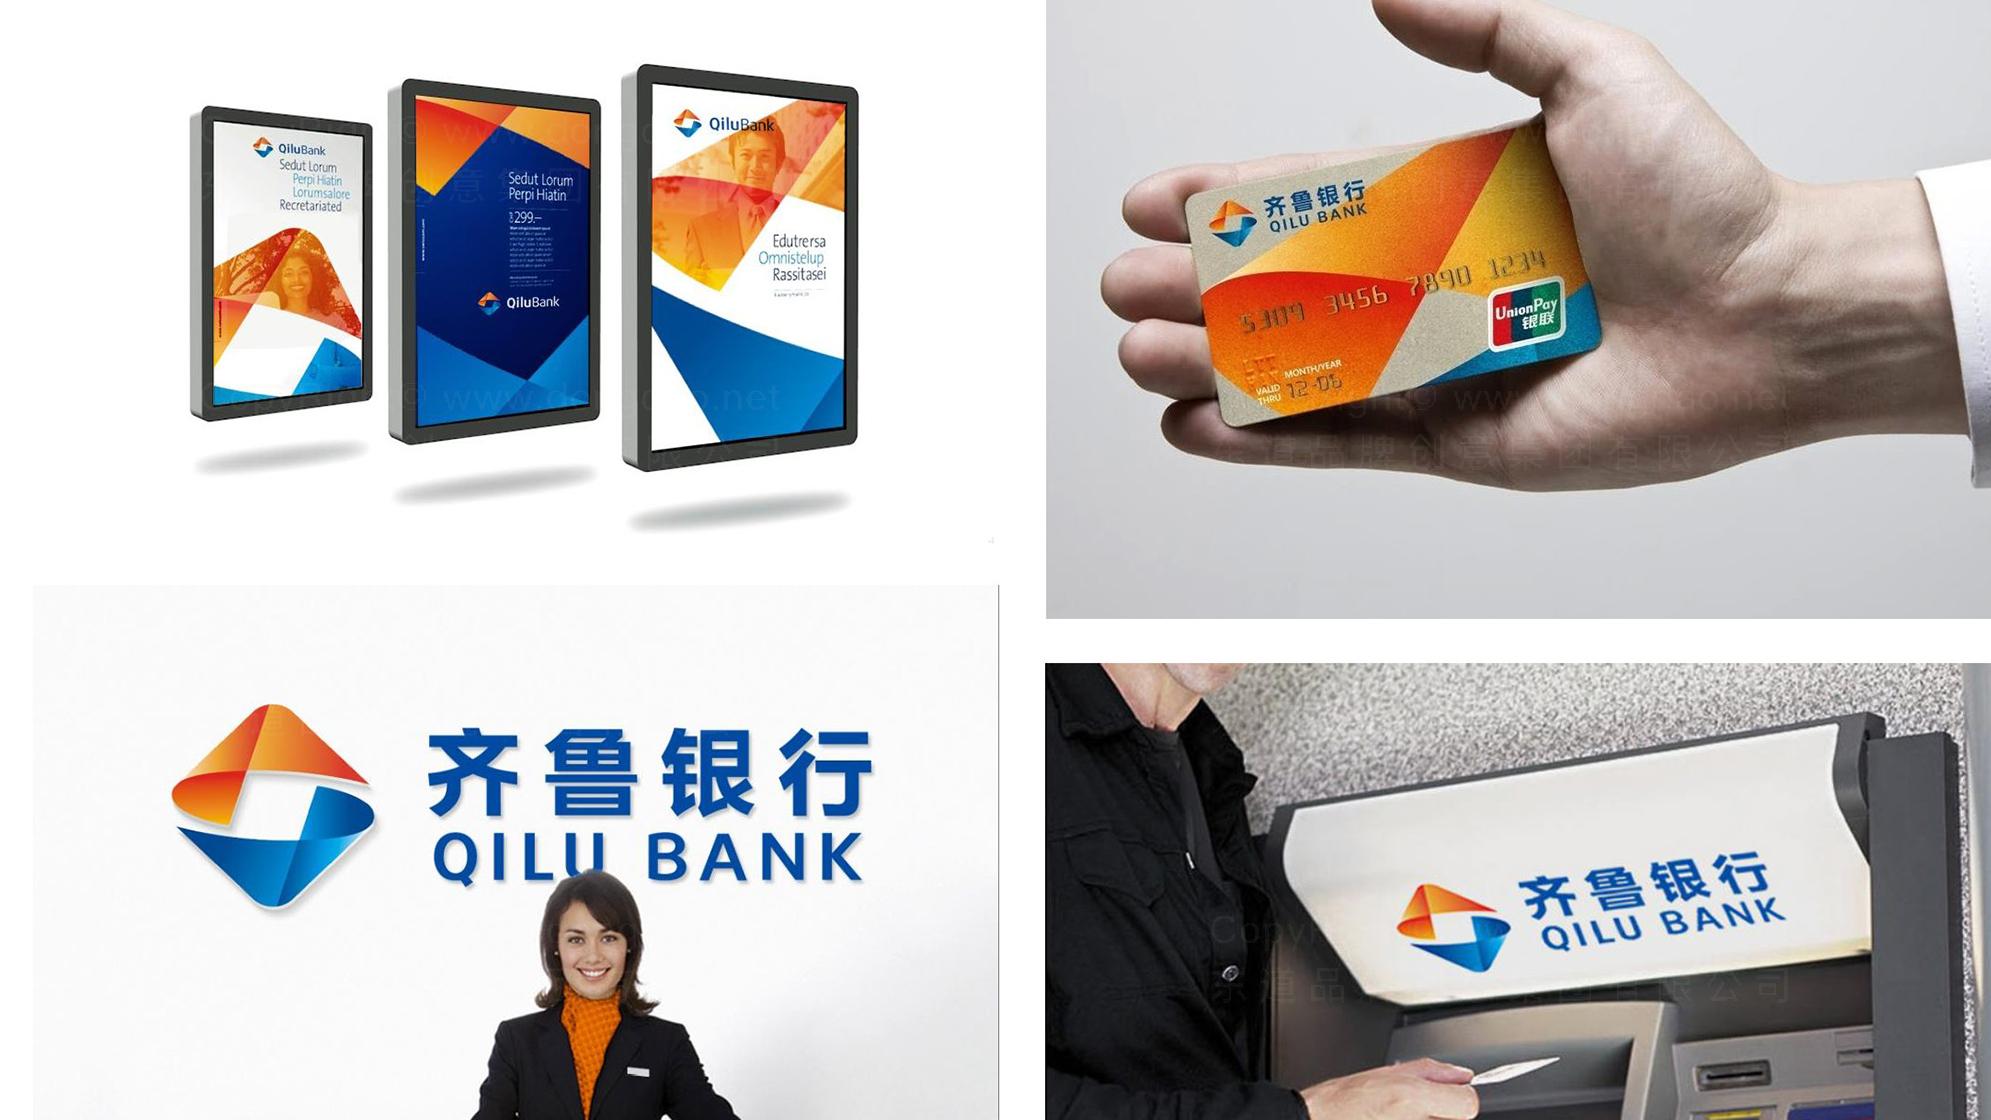 品牌设计齐鲁银行LOGO&VI设计应用场景_1